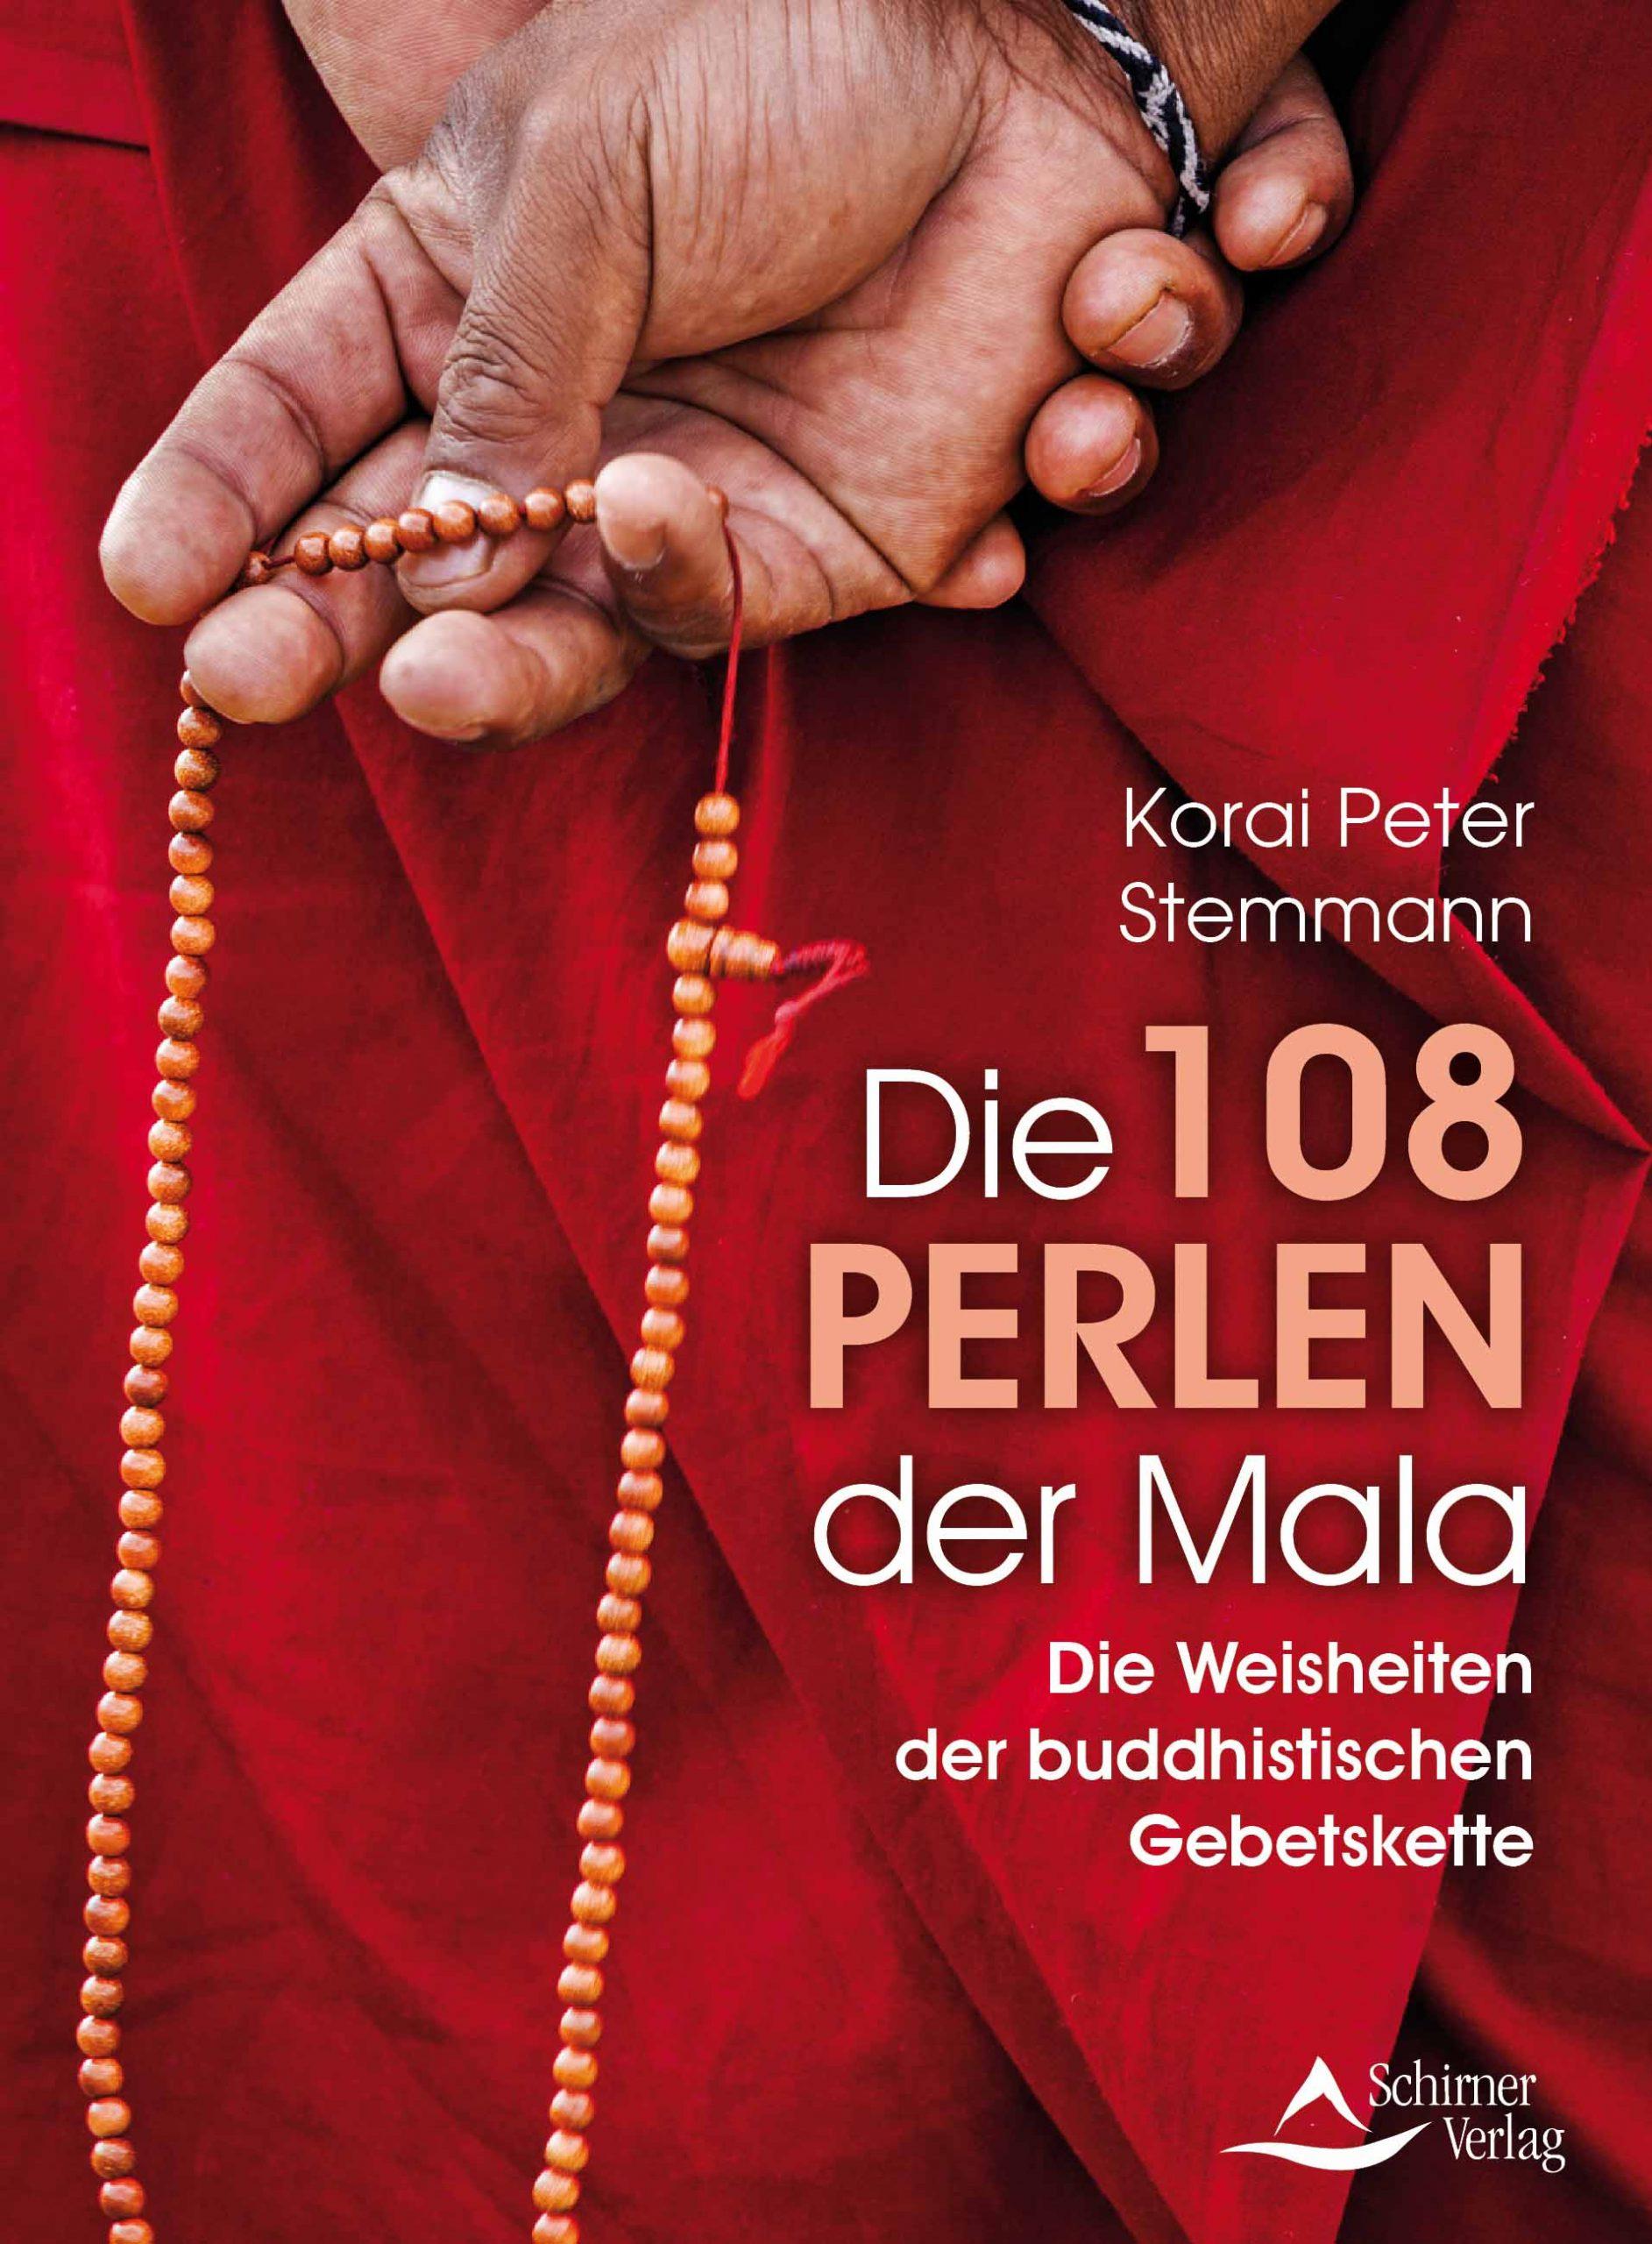 Buch: Die 108 Perlen der Mala